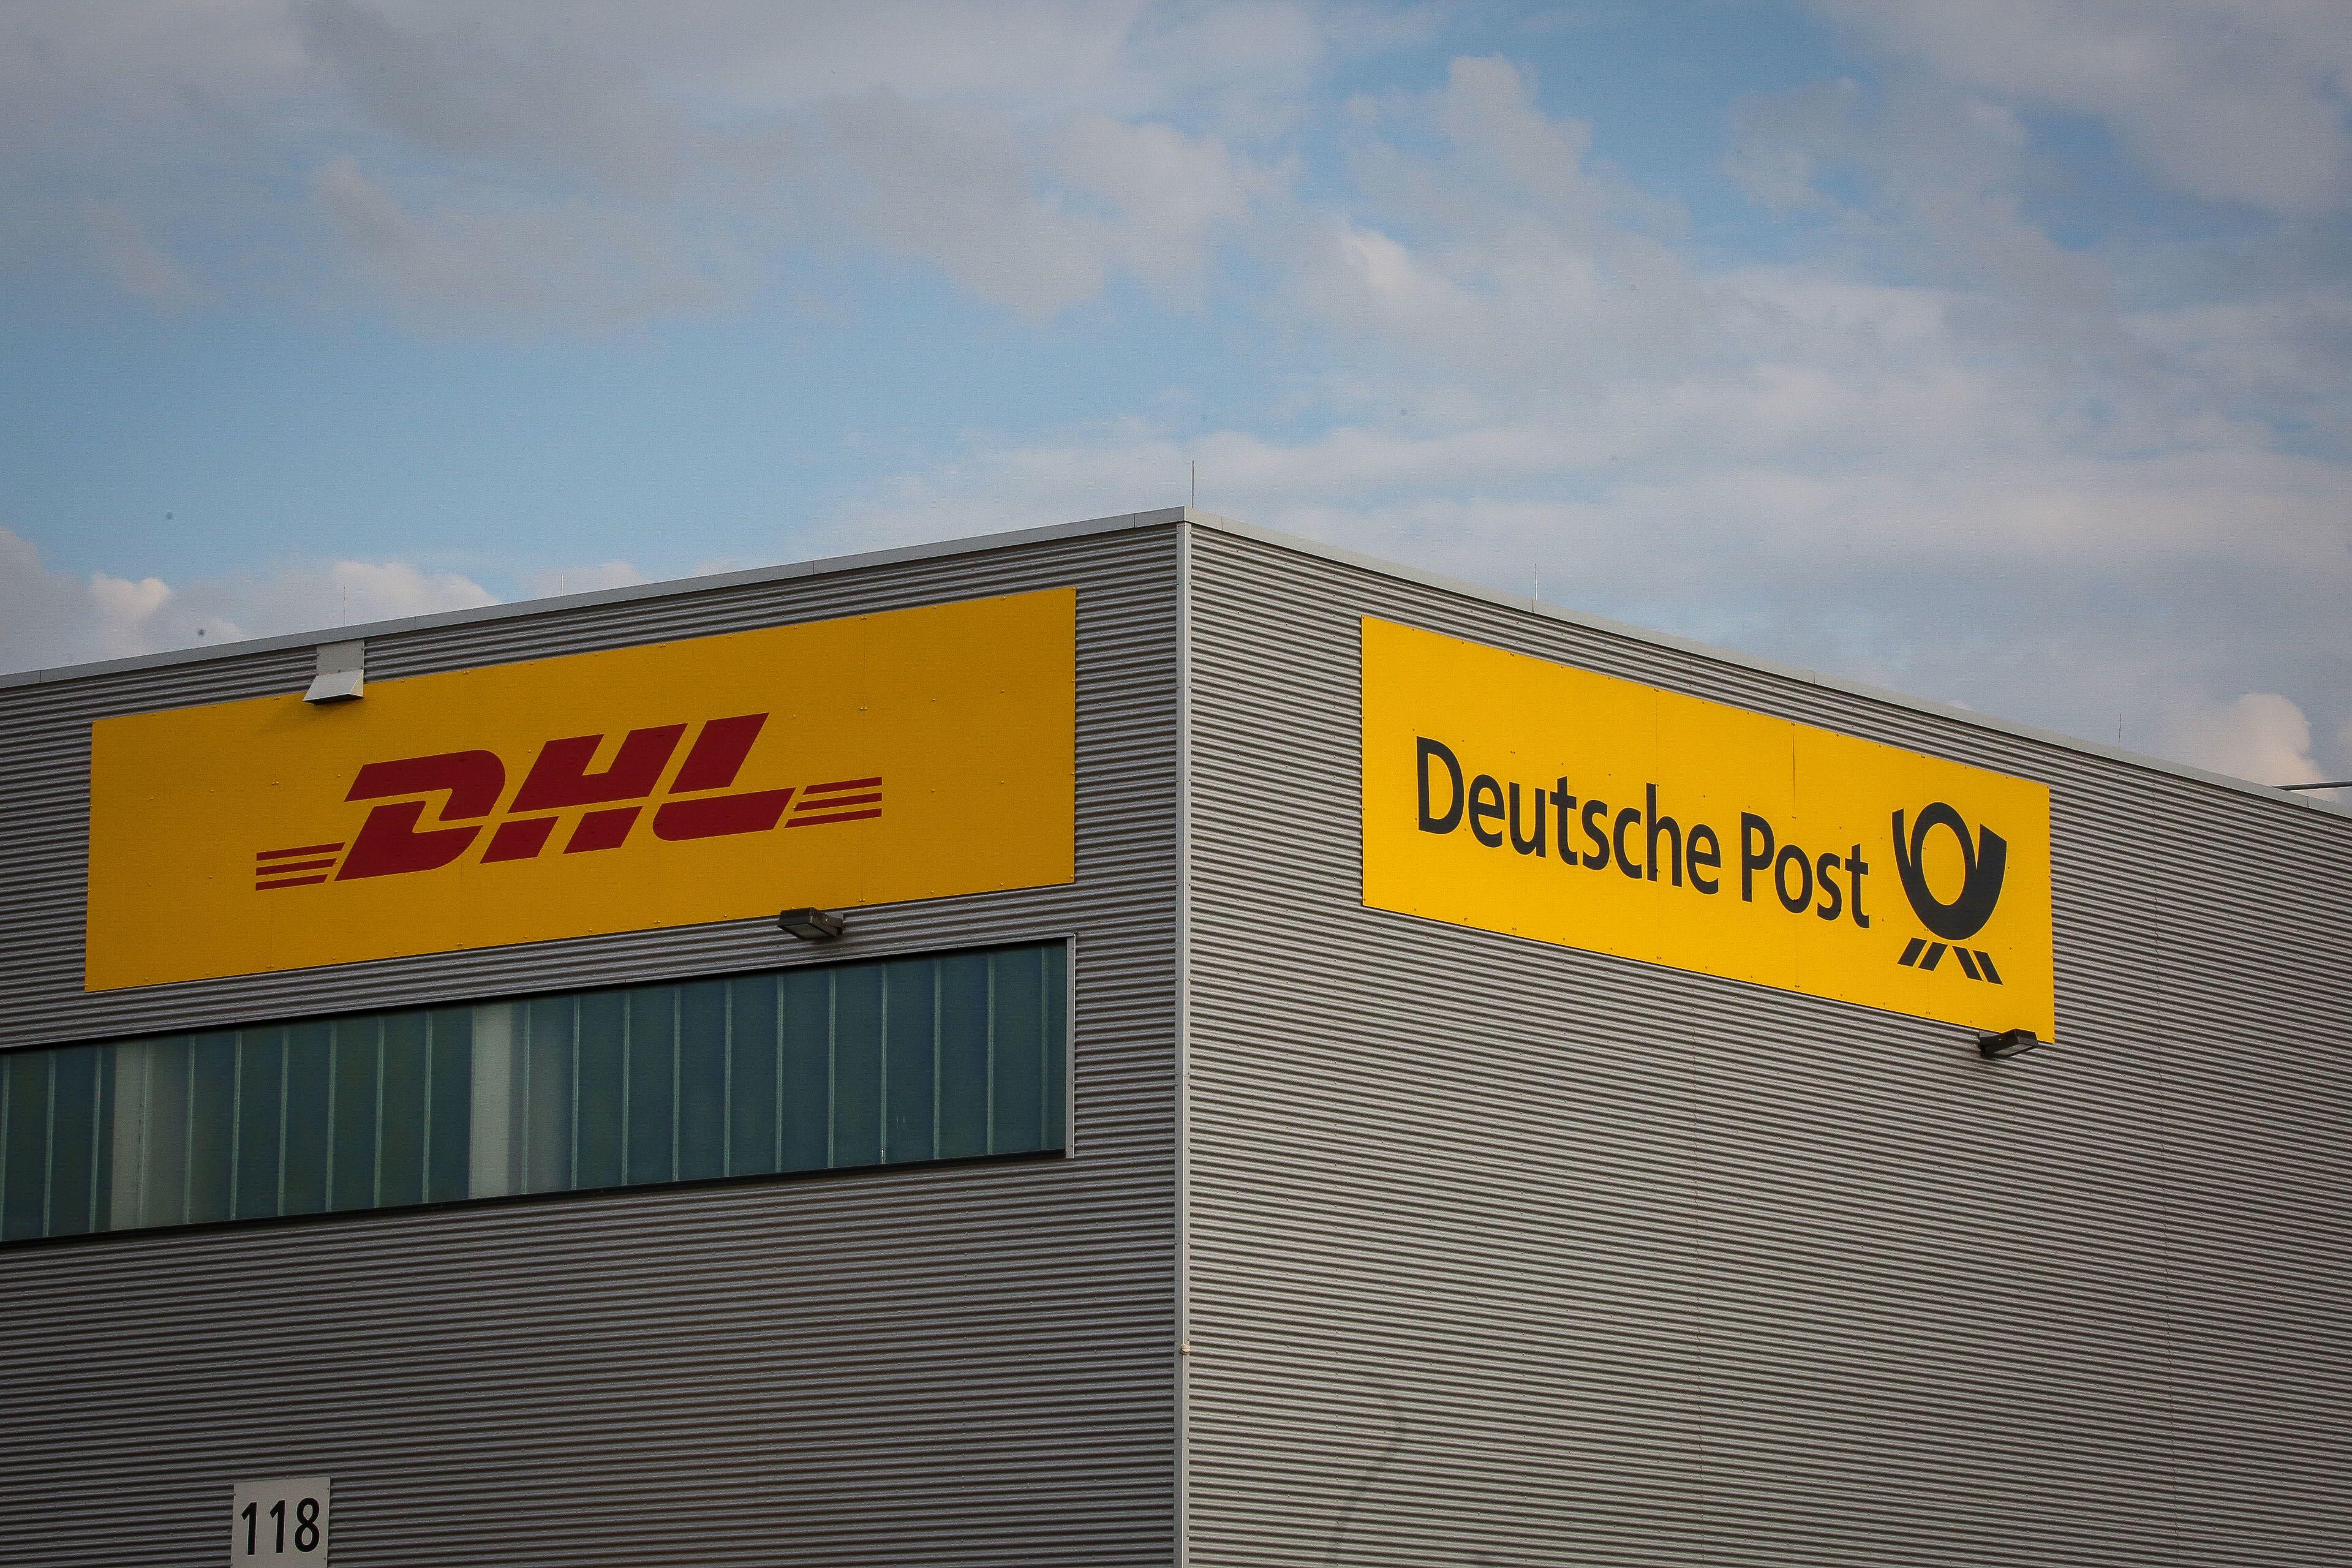 Dhl Paket Service : deutsche post und dhl paket k ndigen neue digitale services an ~ Watch28wear.com Haus und Dekorationen